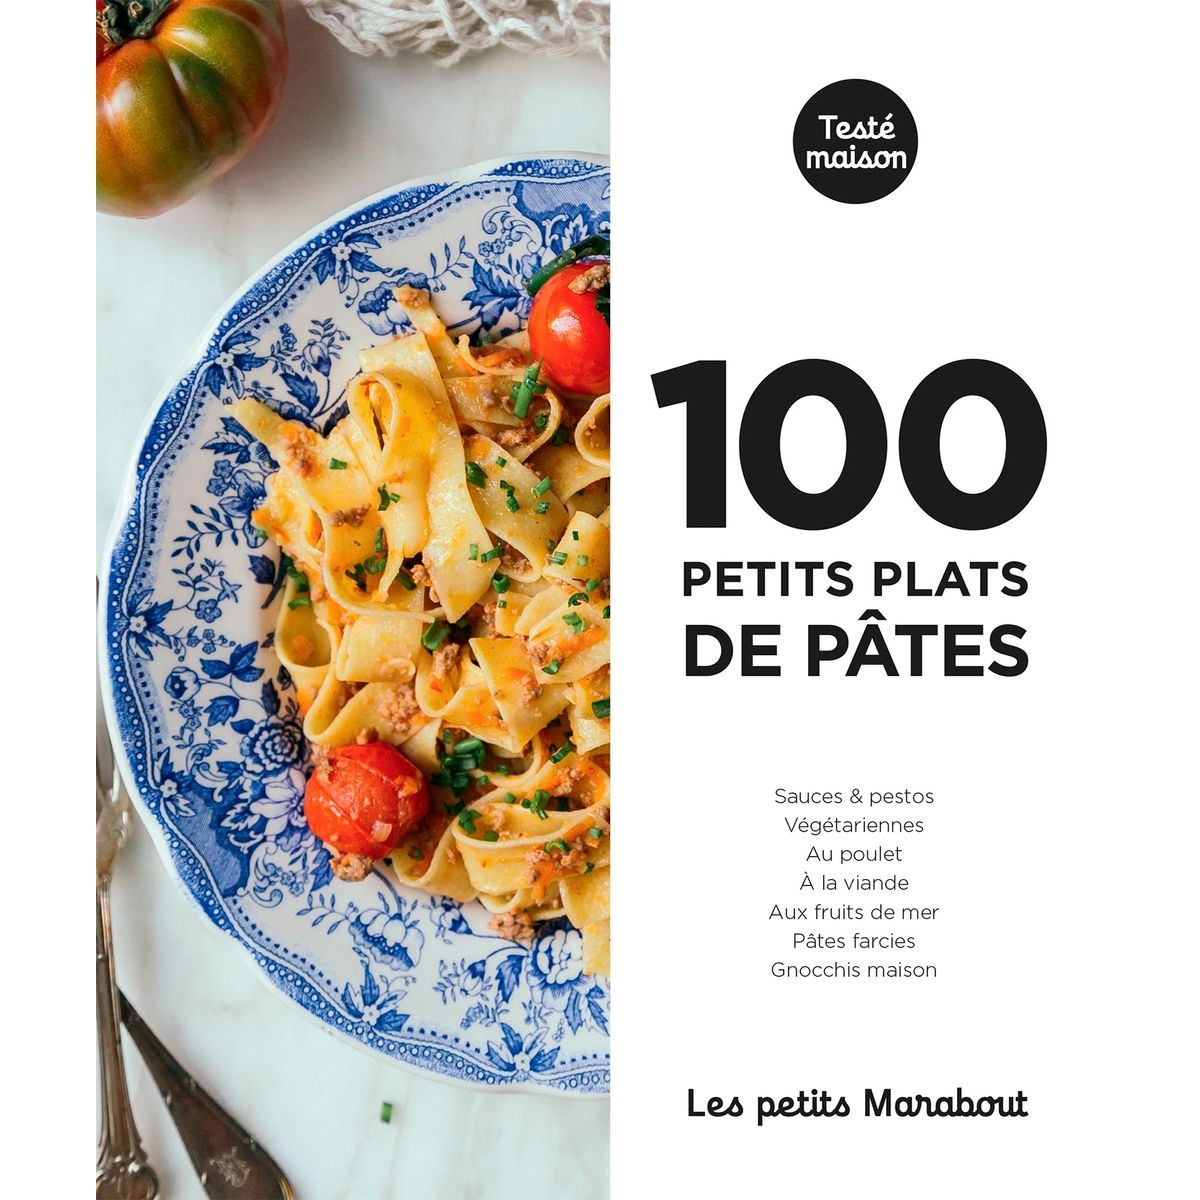 Les petits Marabout - 100 petits plats de pâtes - Marabout